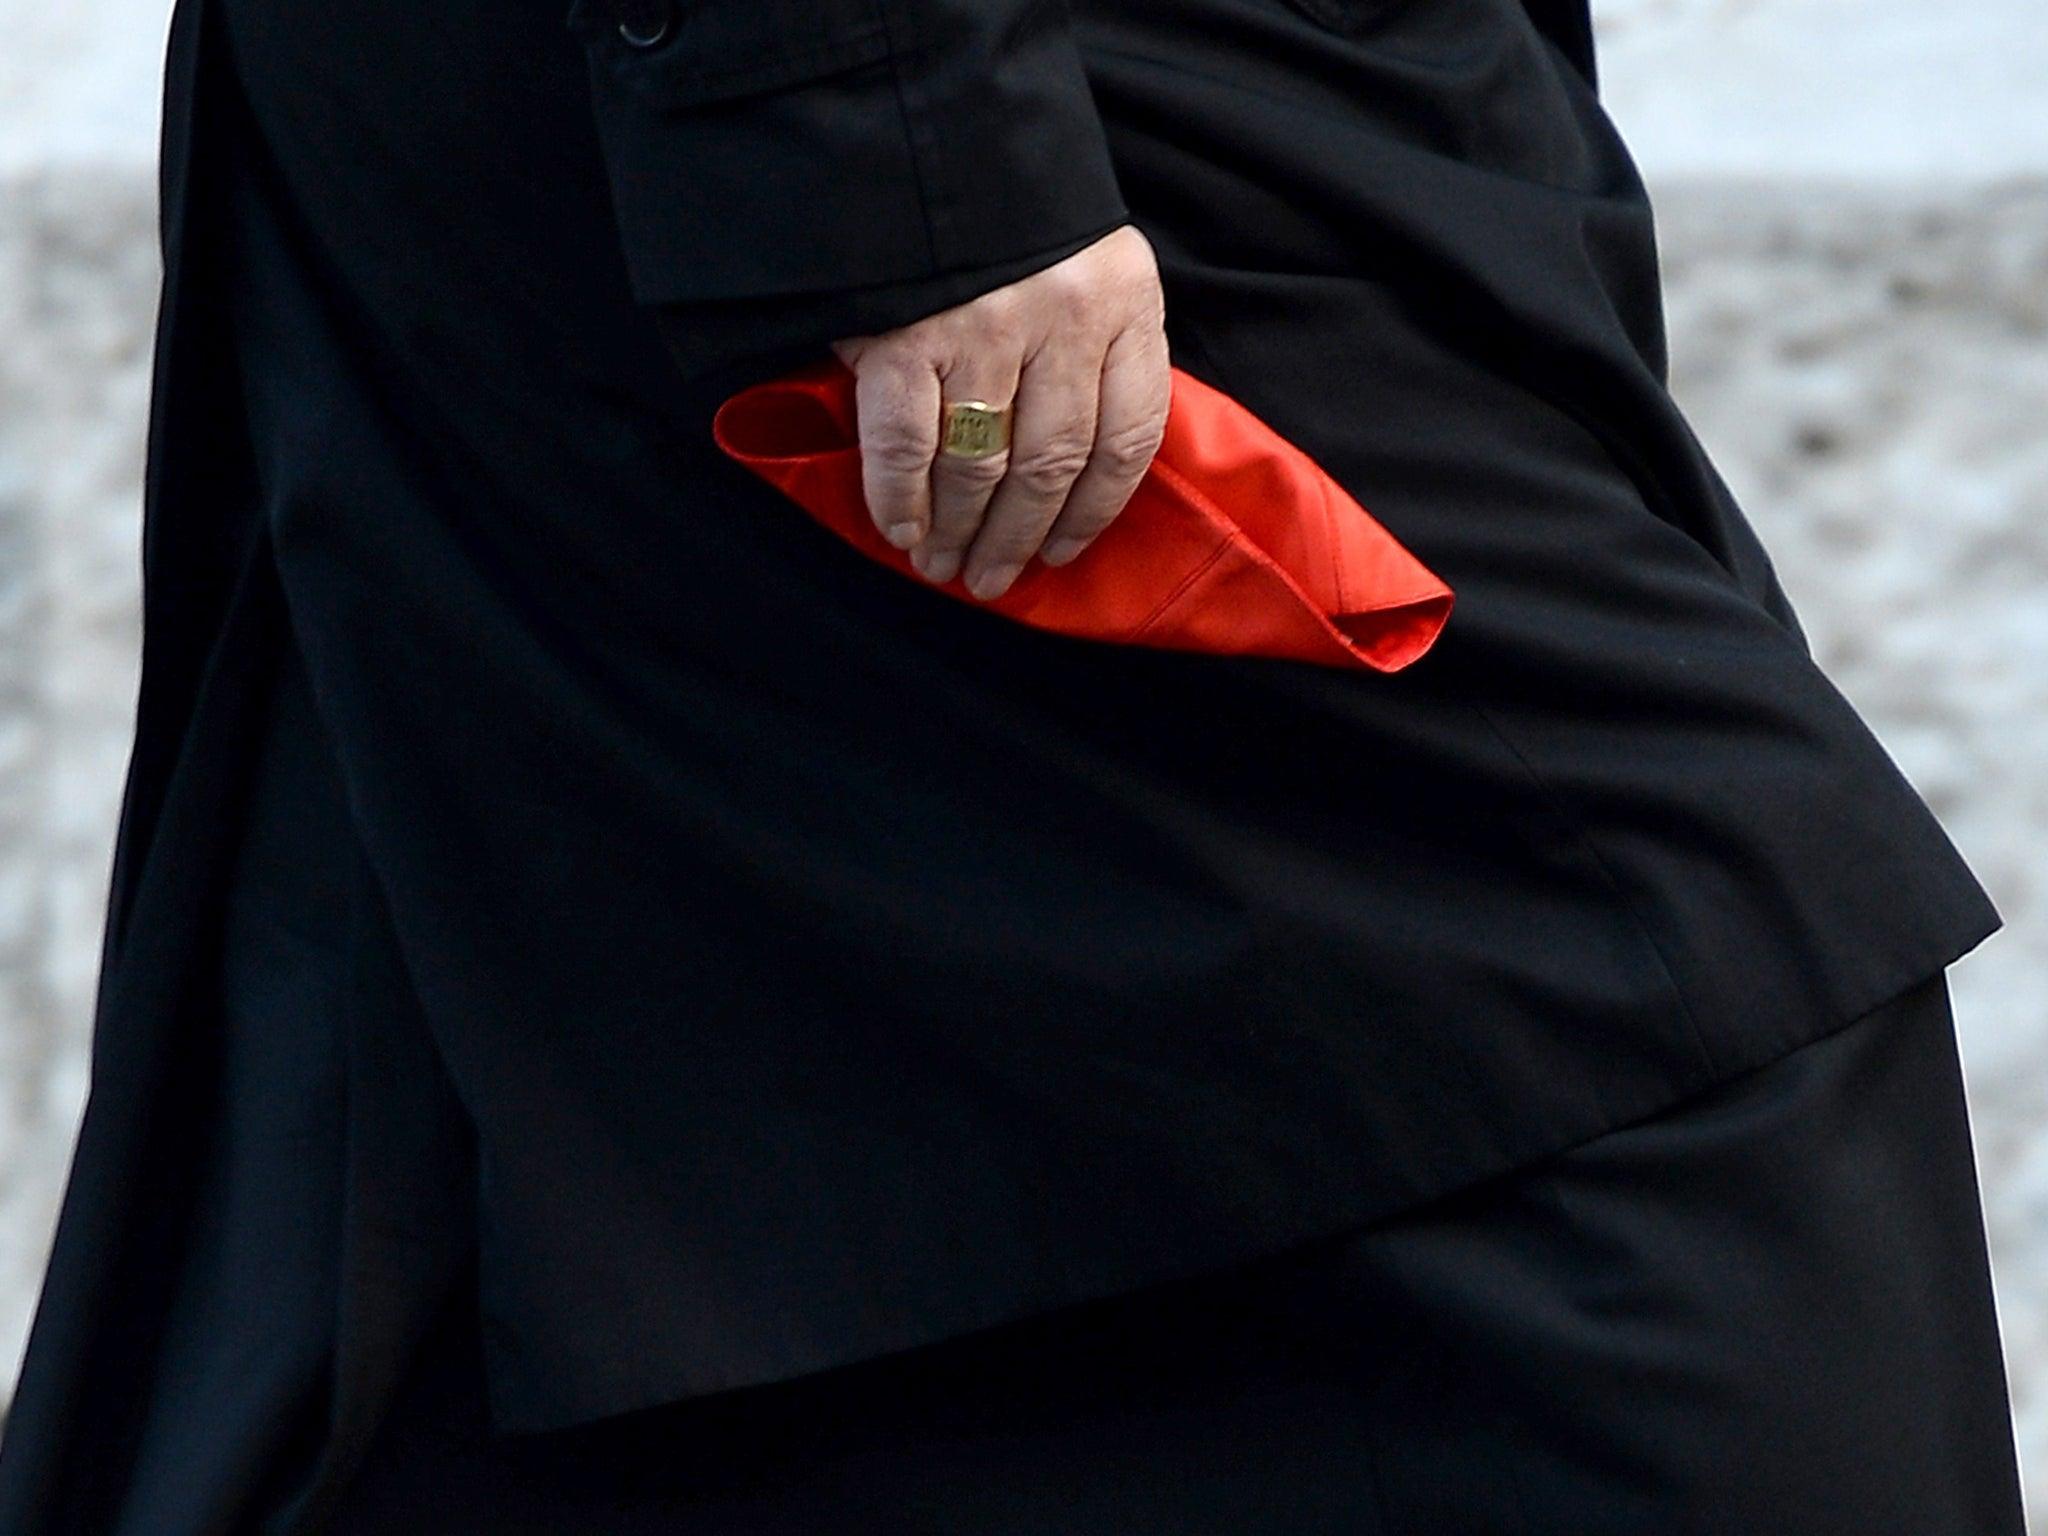 Vatican Cardinal Get